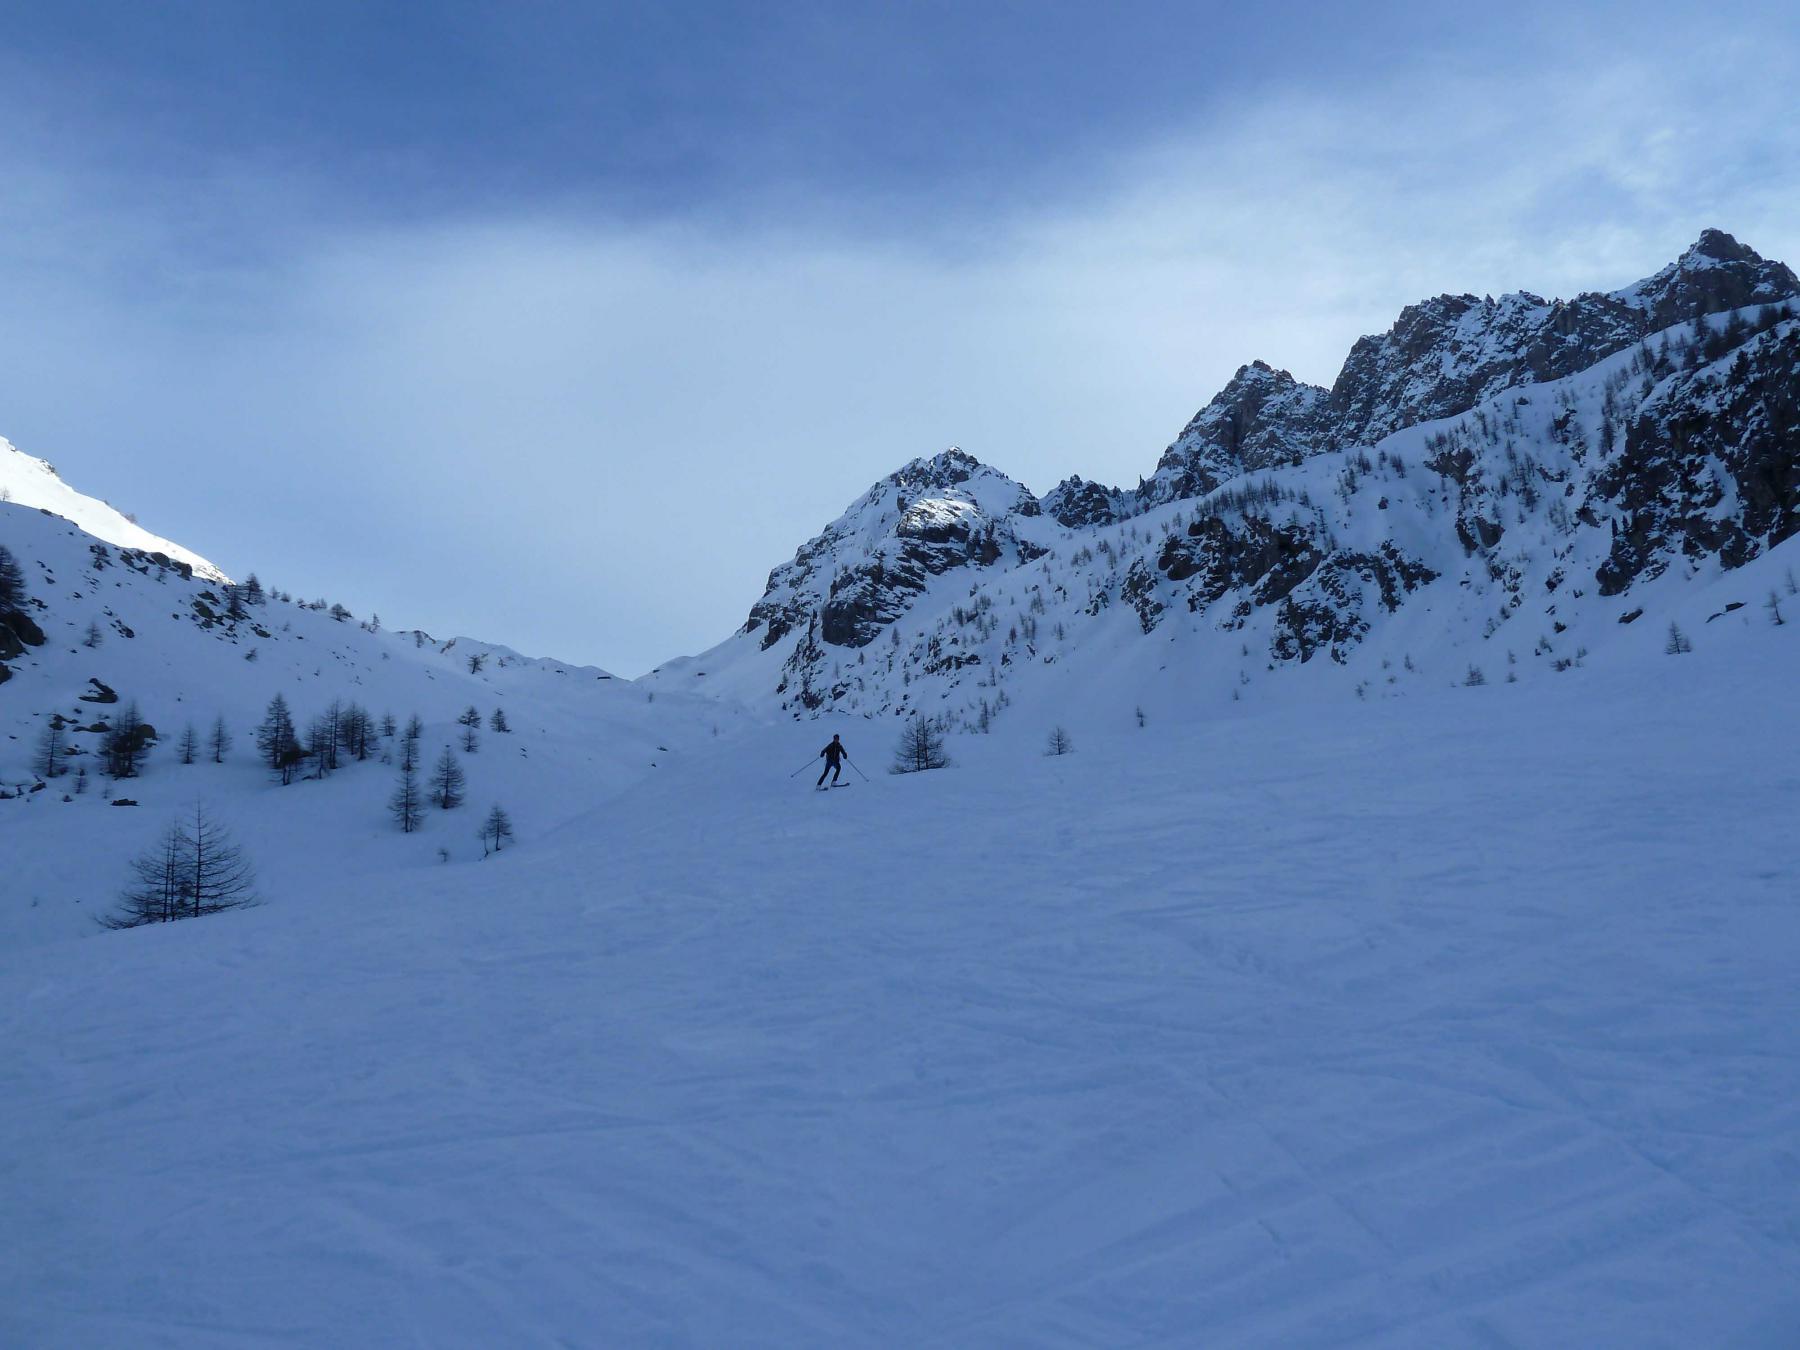 Discesa verso la Val Maira su neve orribile e oramai troppo segnata dai numerosi passaggi